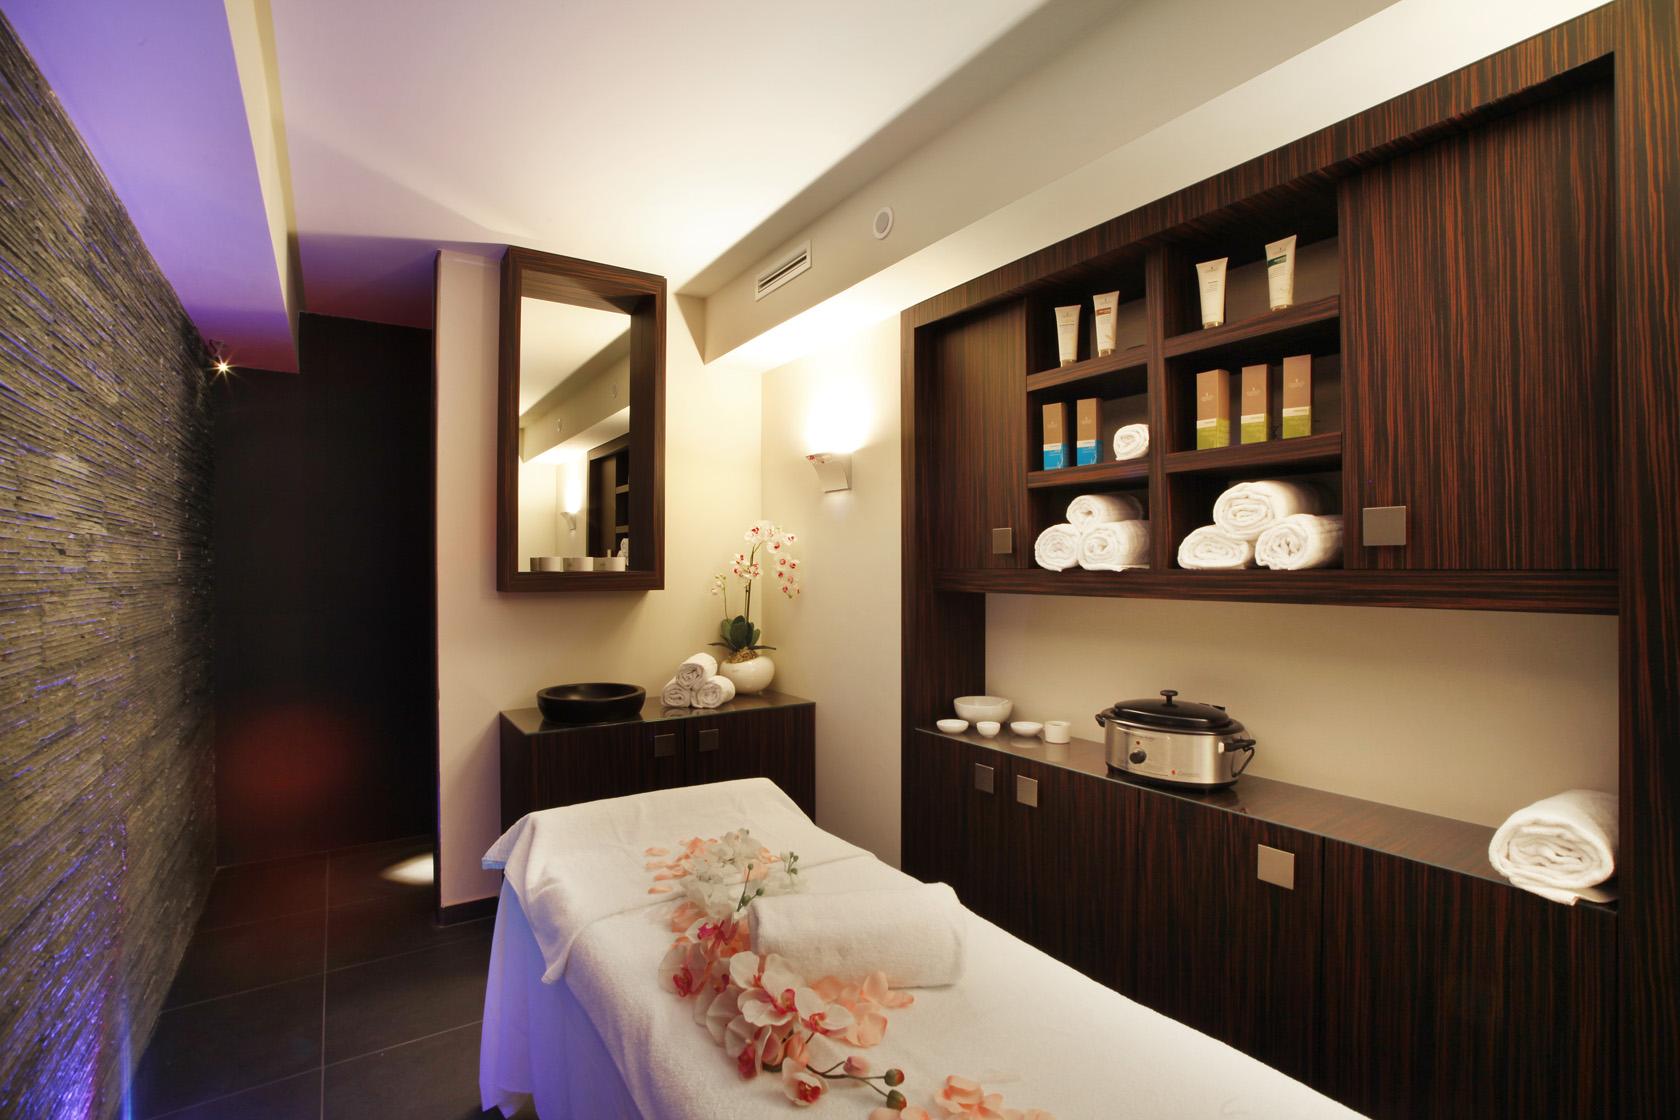 impacco depurativo con relax aromaterapico - hotel parigi 2 - Zona Migliore Soggiorno Parigi 2